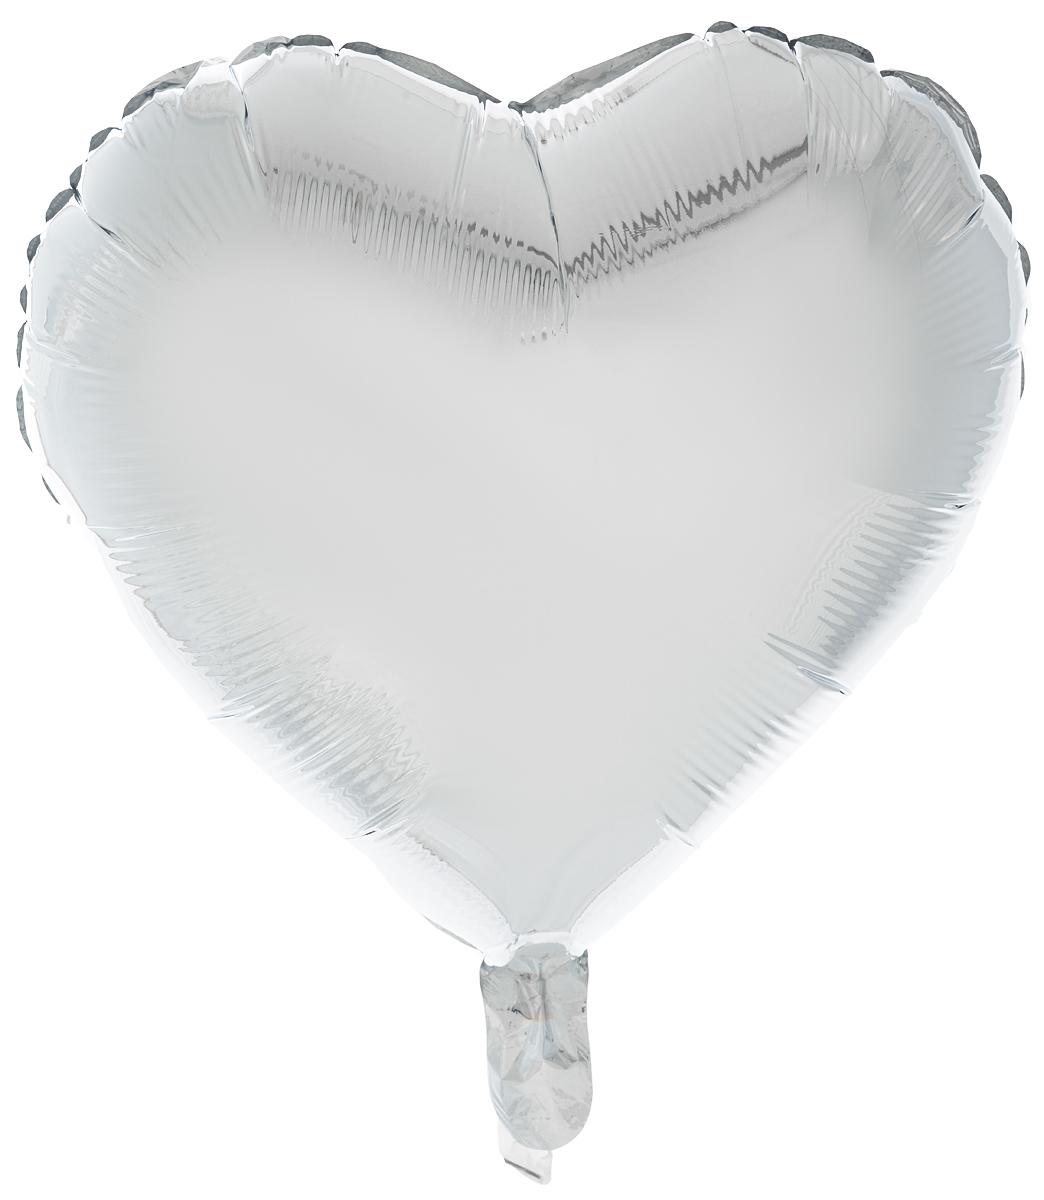 Action! Шар фольгированный Сердце цвет серебряныйL00671_новый дизайнБольшой фольгированный шар станет замечательным украшением праздника и веселой игрушкой для малыша. Шар в форме сердца может стать прекрасным дополнением к любому подарку, или украшением праздника! С помощью этого аксессуара любая вечеринка останется незабываемой! Изделие поставляется не надутым.